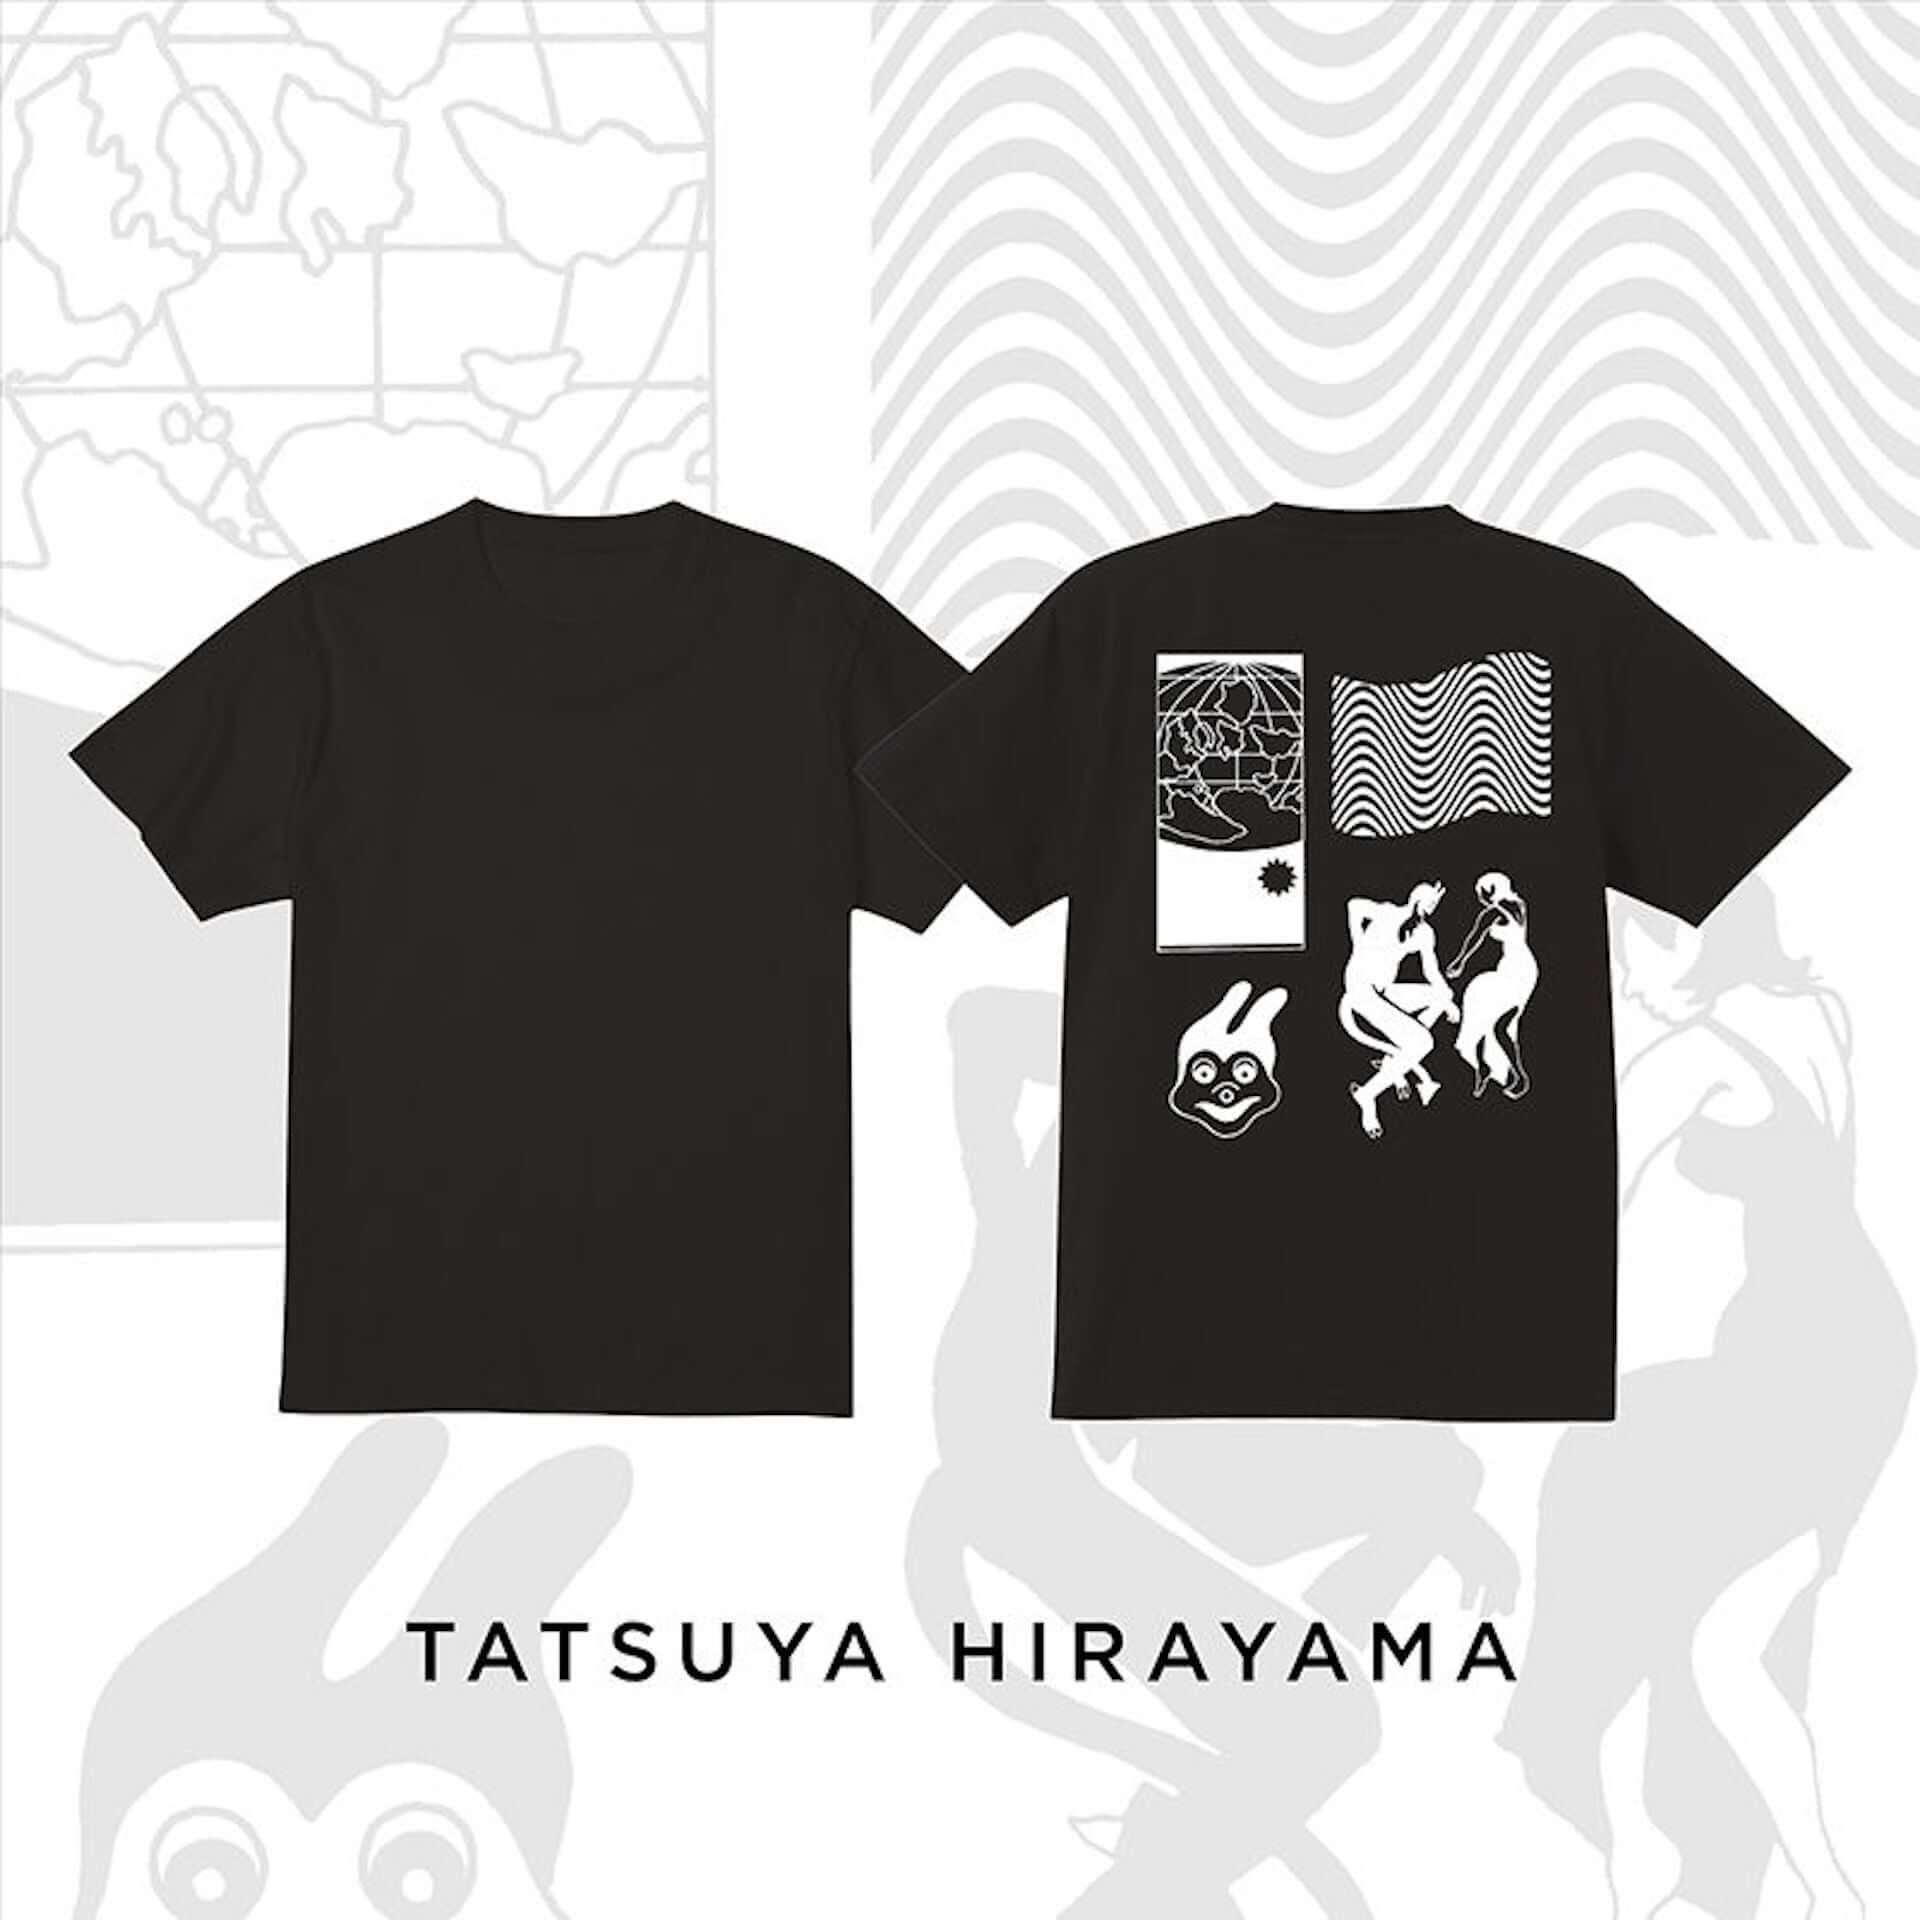 札幌の重要ベニュー・PROVOから新たなデザインTシャツがリリース|YOSHIROTTEN、KURiOら5名が参加 music200610_sapporo_provo_2-1920x1920